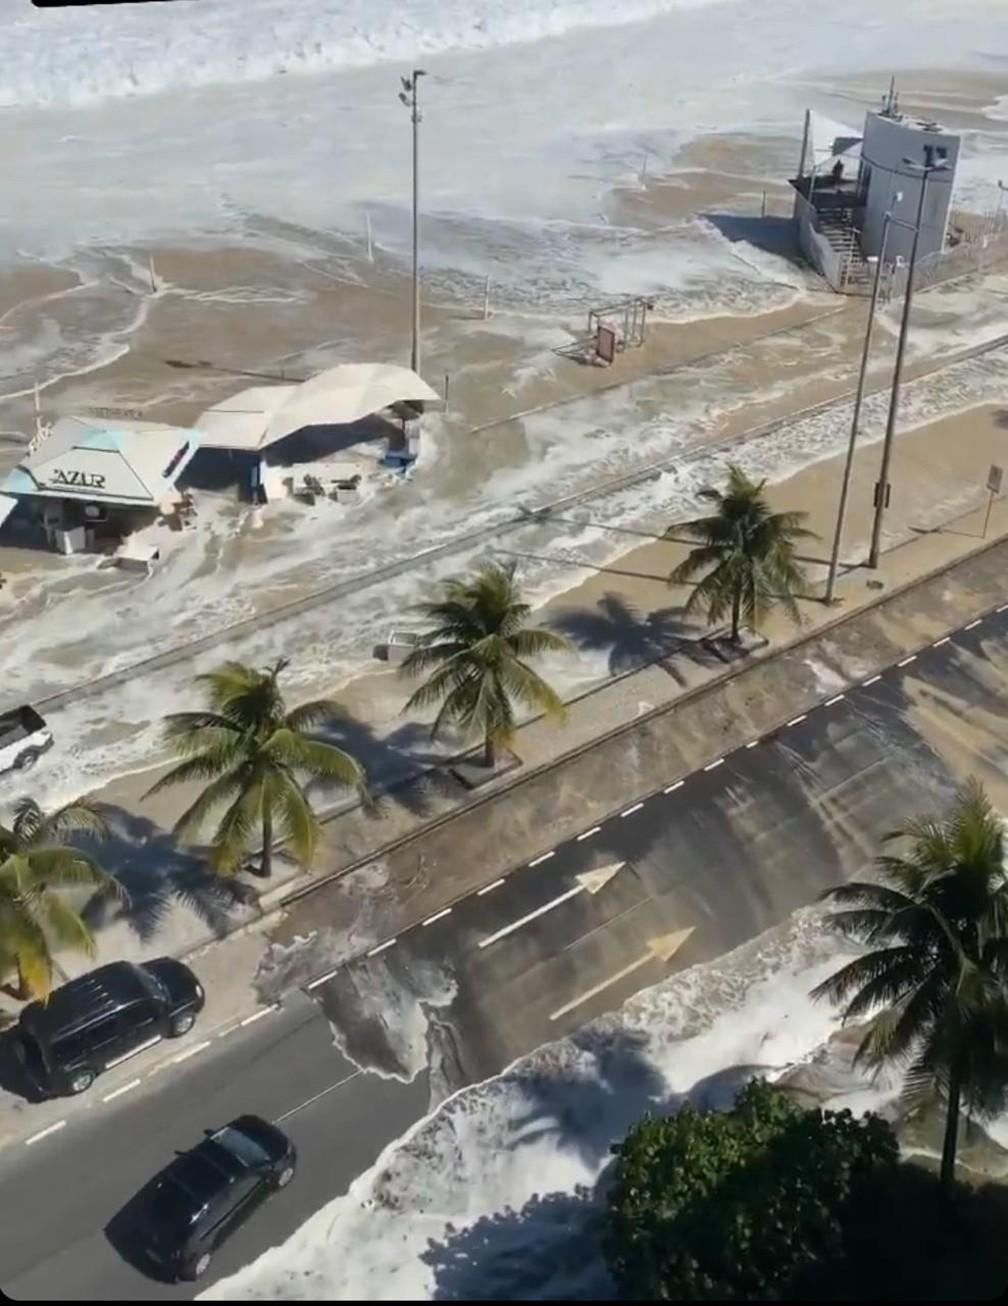 Mar invadiu calçadão e área de quisques no Leblon — Foto: Reprodução/Redes Sociais